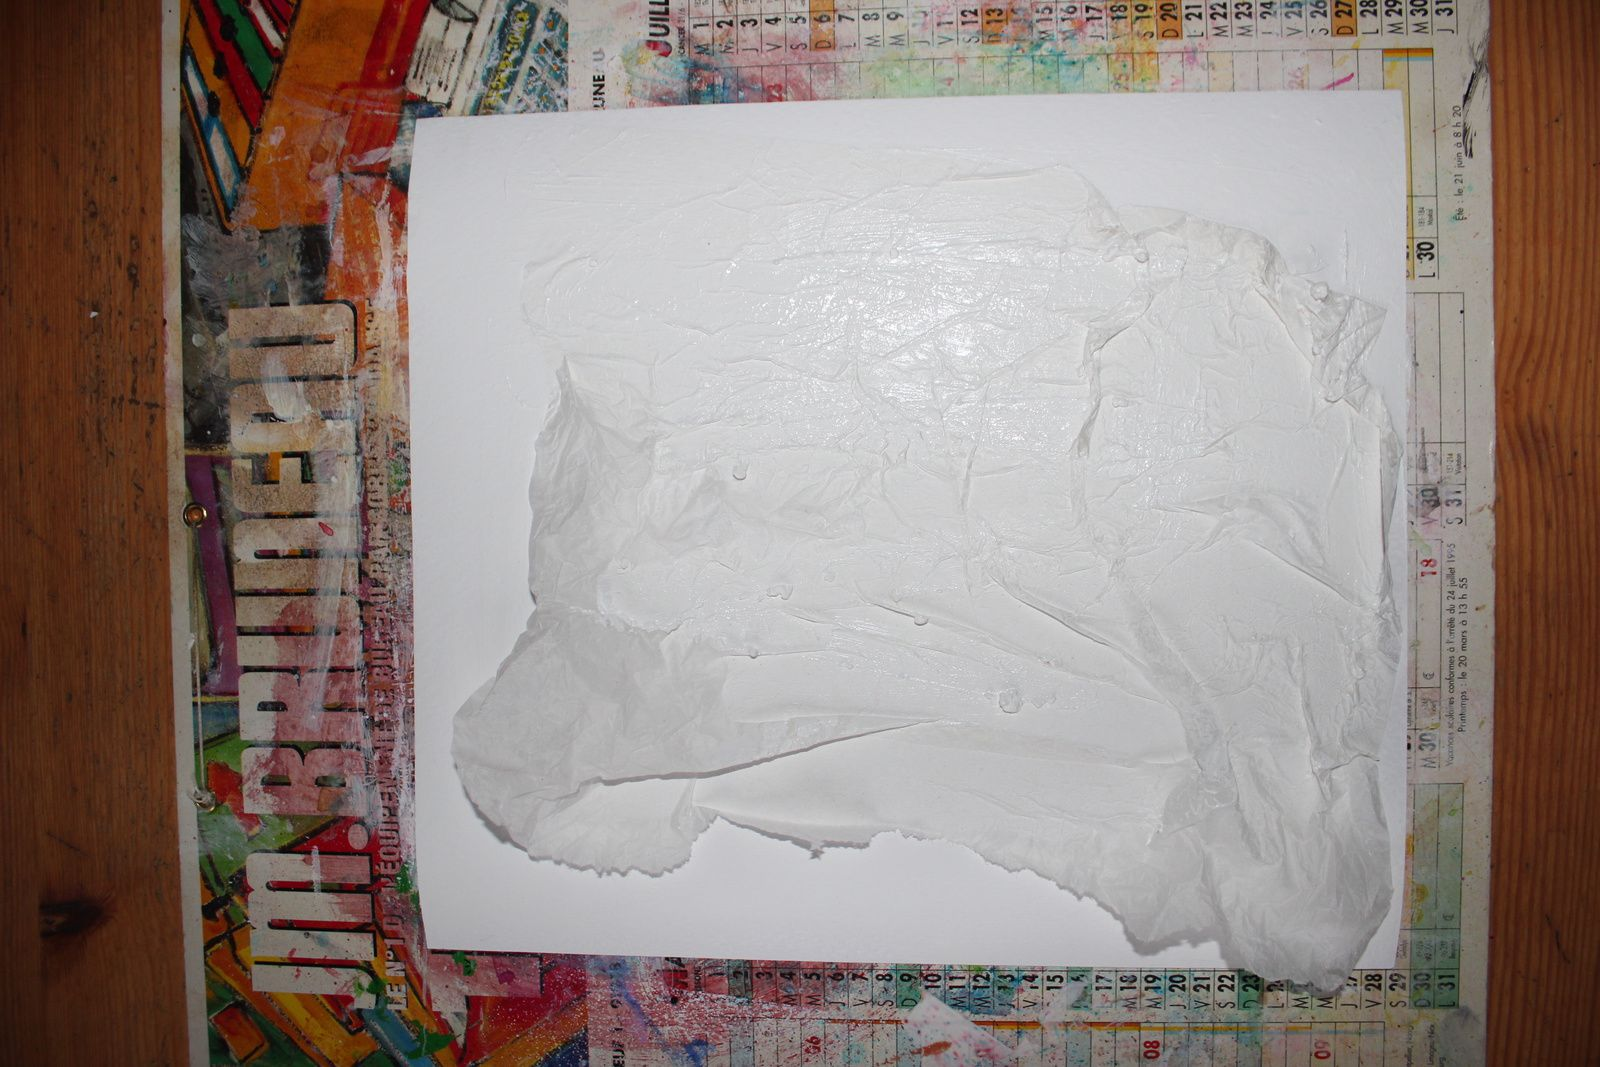 tuto en images pour réaliser une toile canvas